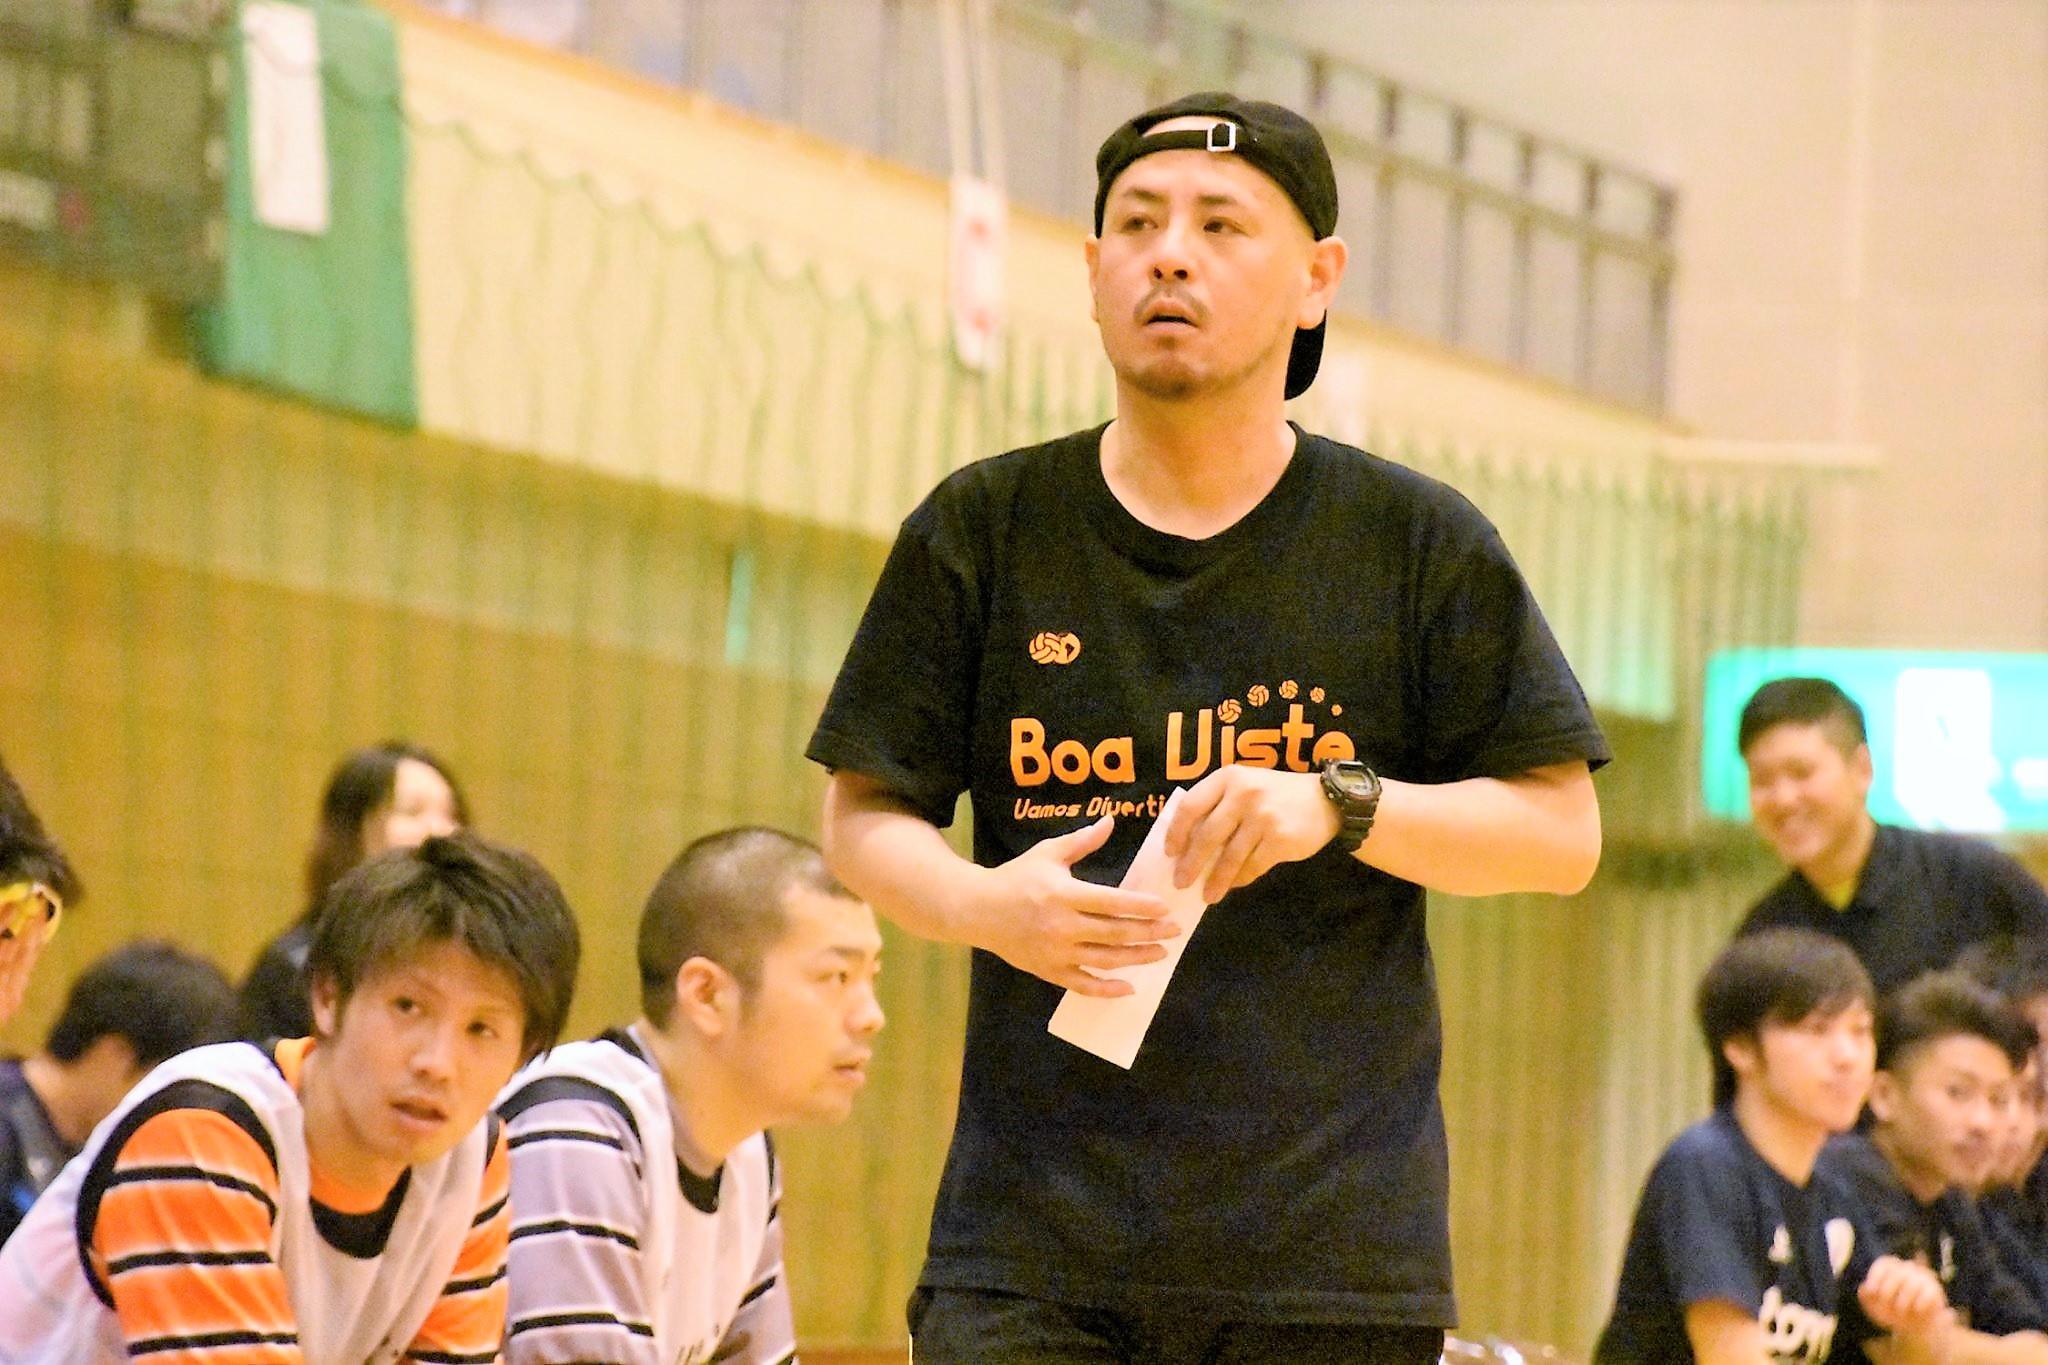 【県1部第1節インタビュー】FC JOYFUT  鍛冶 毅監督「東海リーグでも通用するフットサルを目指します」